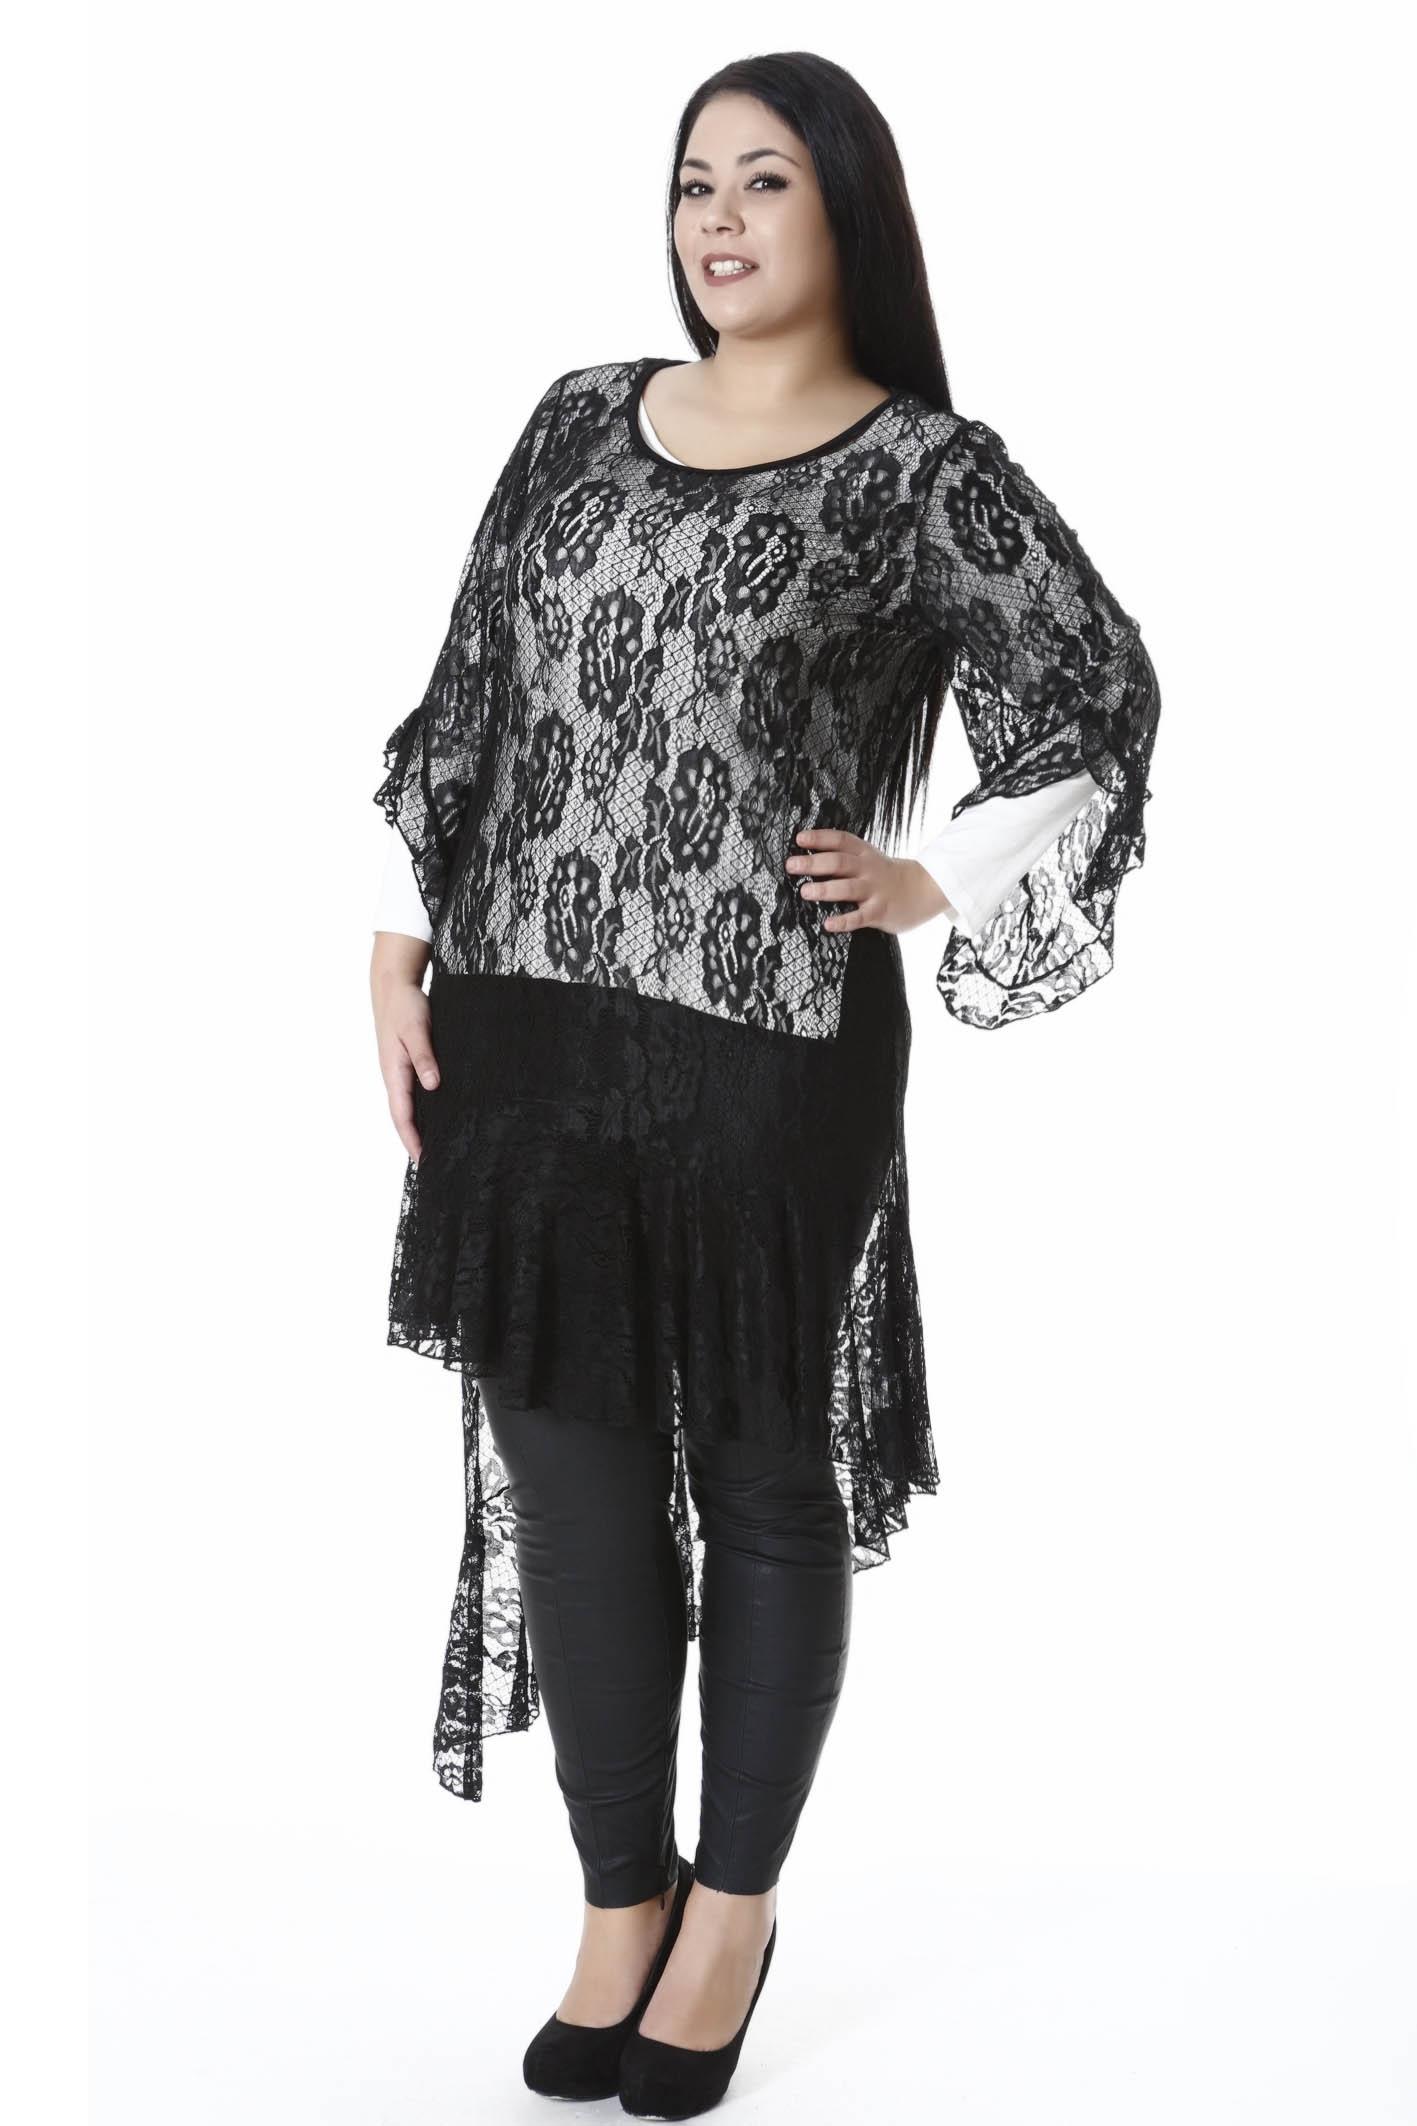 Τουνίκ δαντέλα μαύρη νέες αφίξεις   ενδύματα   μπλουζοφορέματα   sunrose   brands